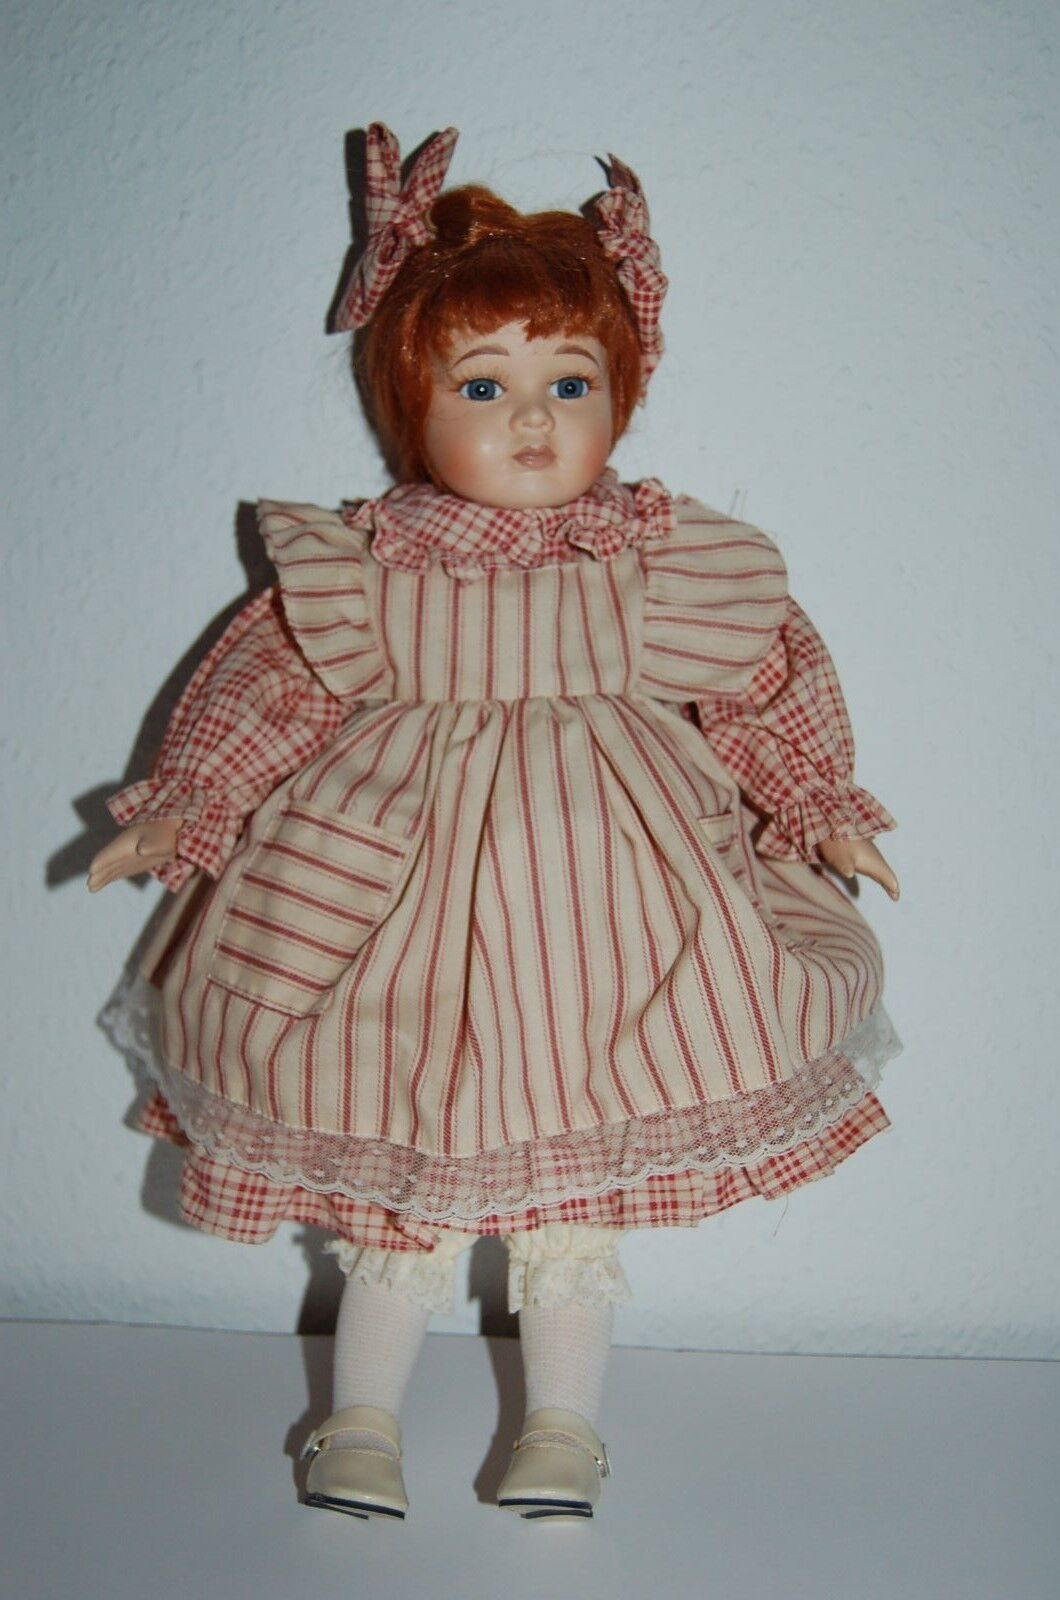 Porzellanpuppe Mädchen mit roten Haaren